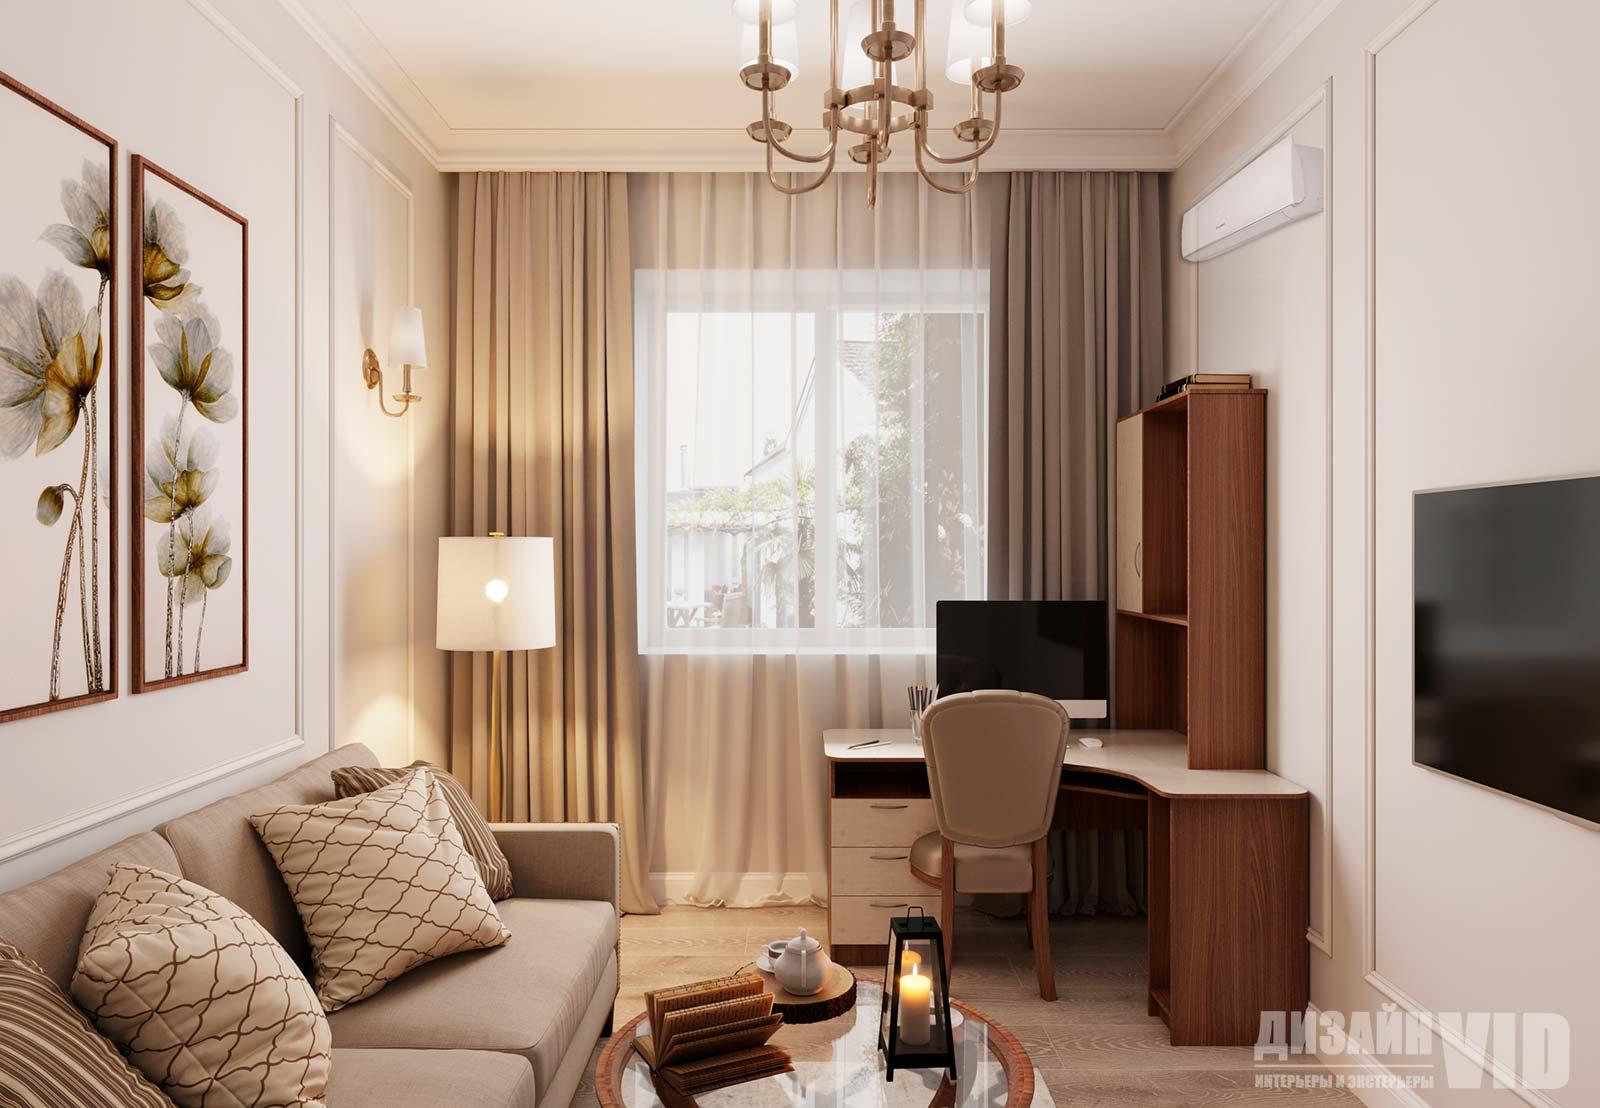 теплые оттенки в интерьере гостевой частного дома